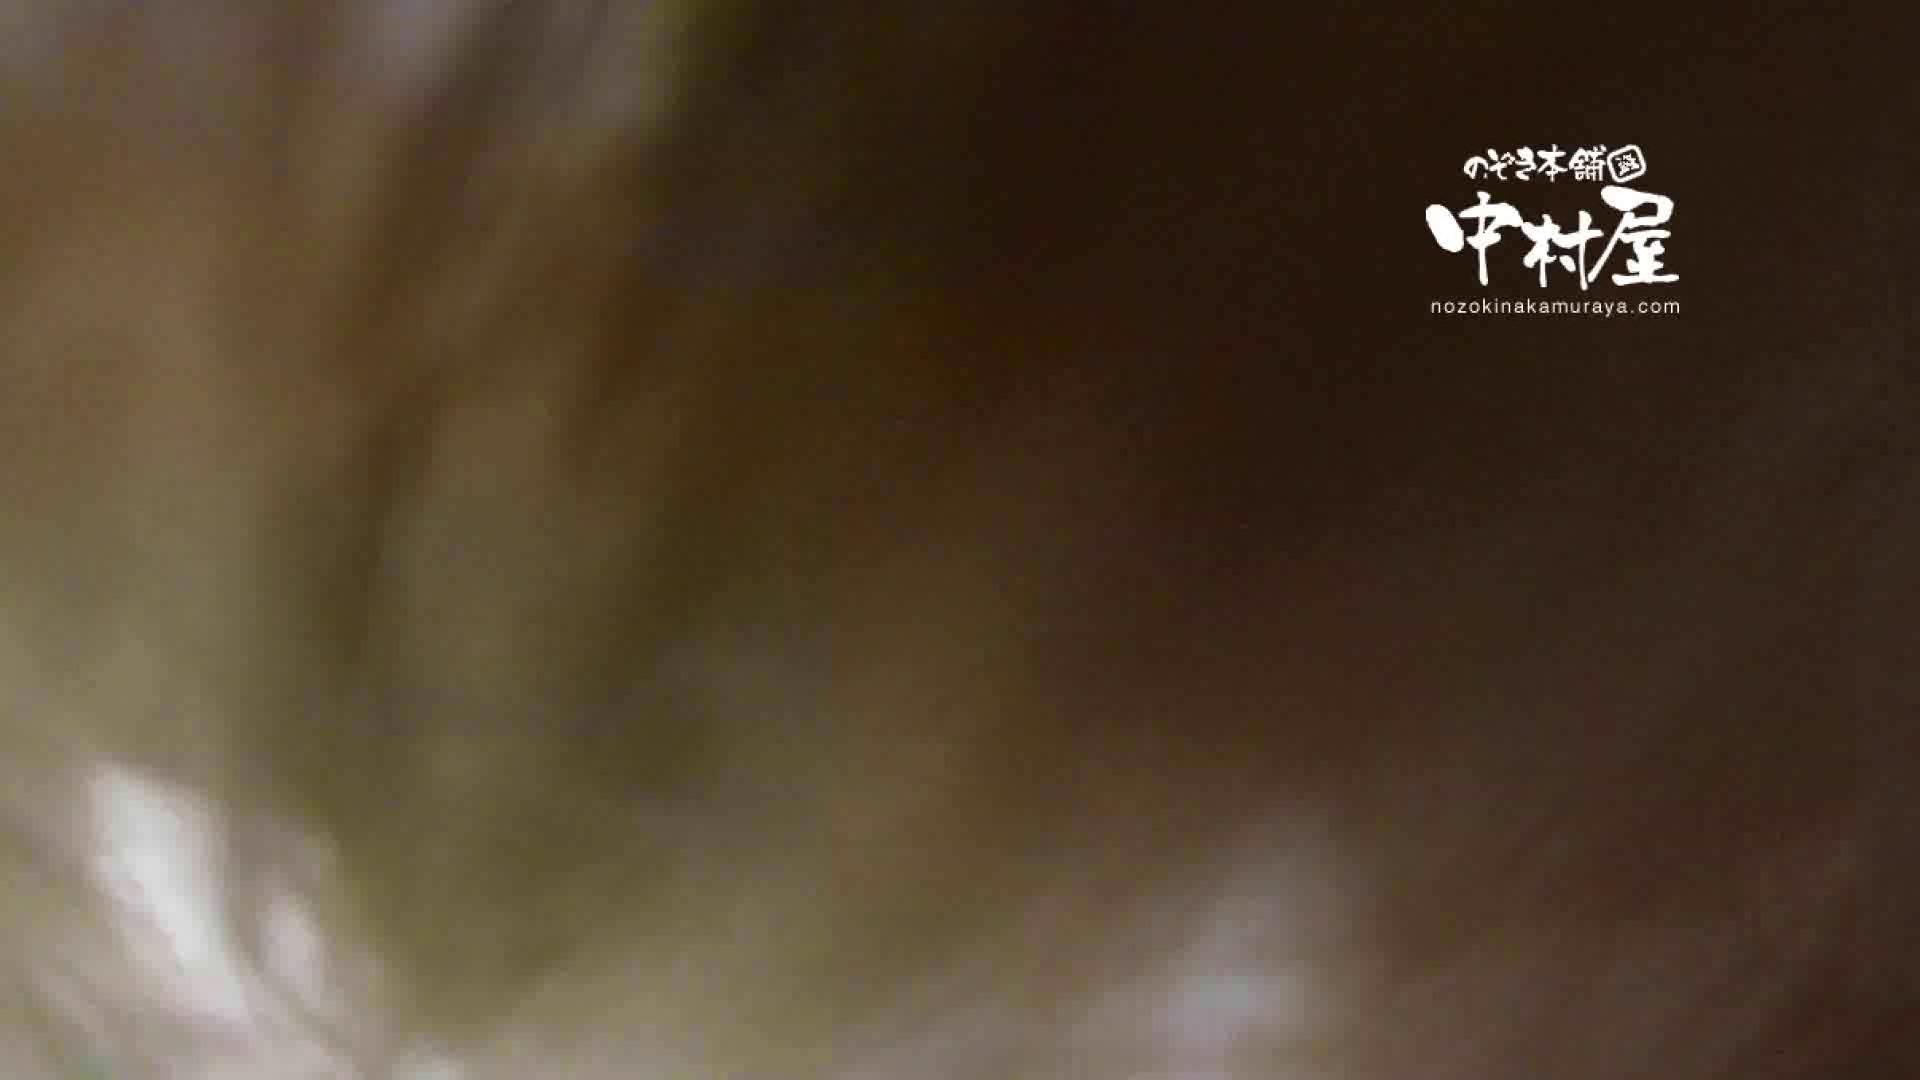 鬼畜 vol.18 居酒屋バイト時代の同僚に中出ししてみる 前編 OLエロ画像 のぞき濡れ場動画紹介 73PICs 41